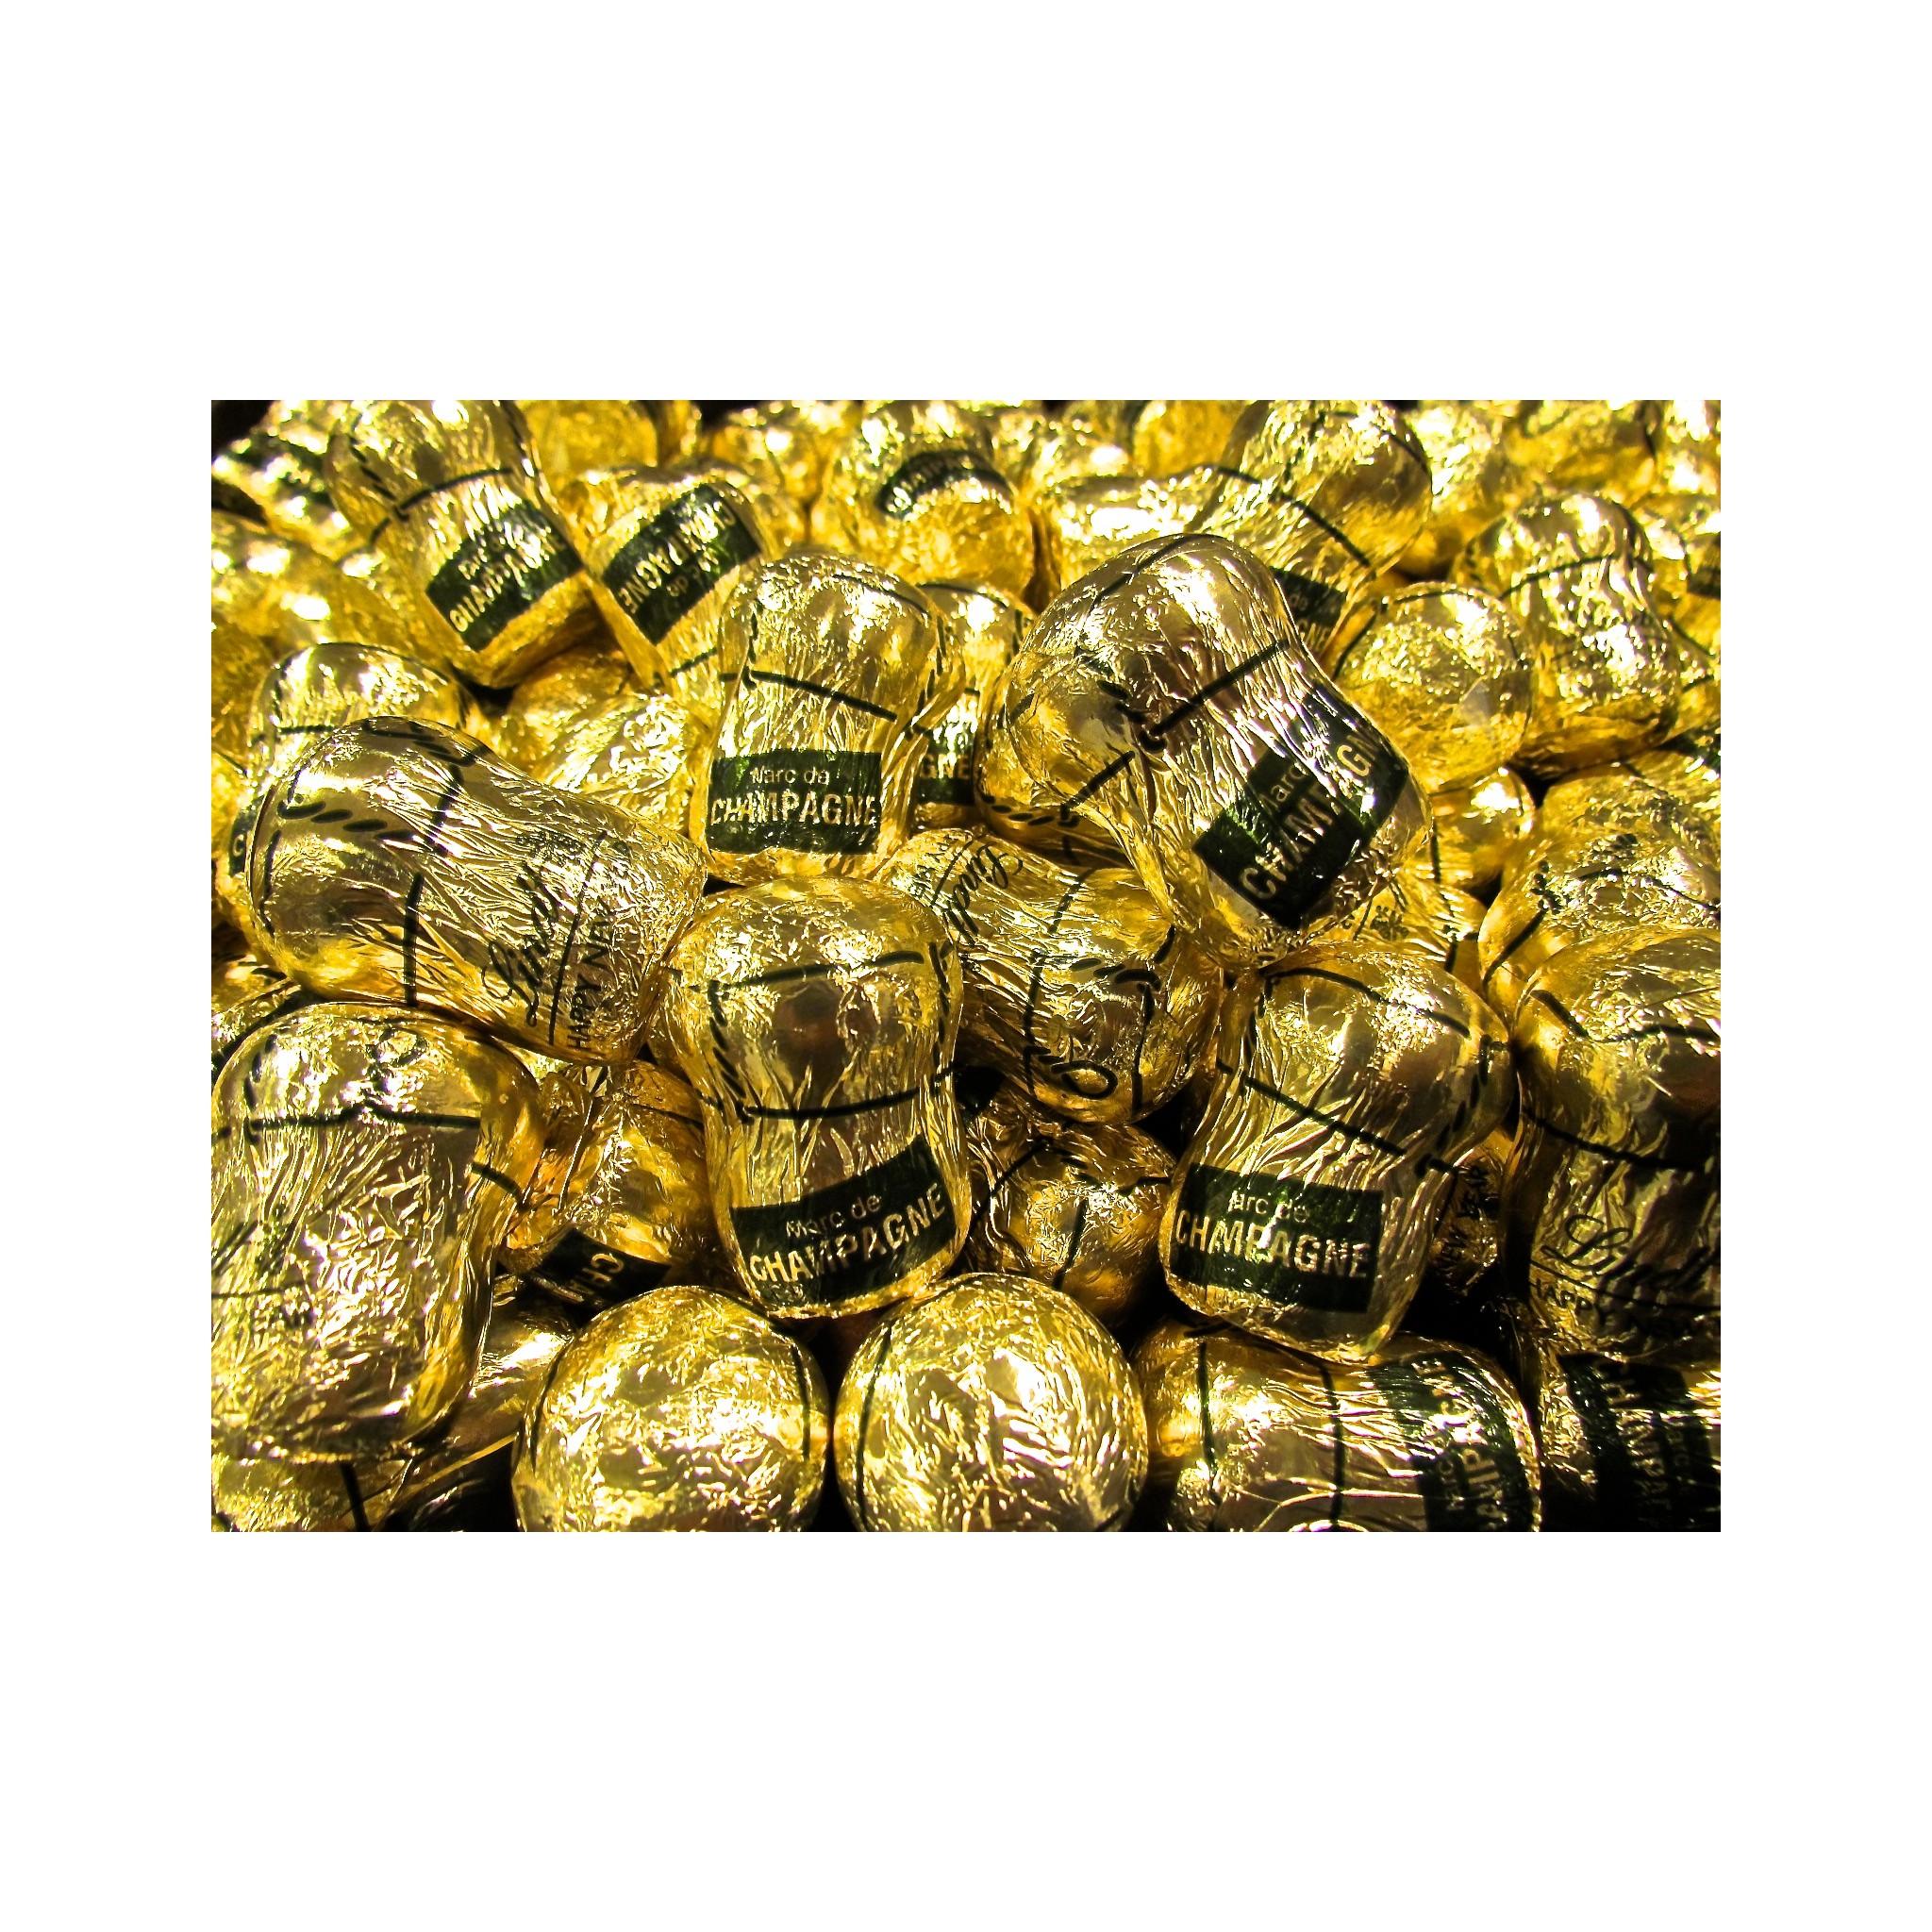 migliore selezione di qualità e quantità assicurate scelta migliore Lindt - Tappi di Champagne - 20 PEZZI